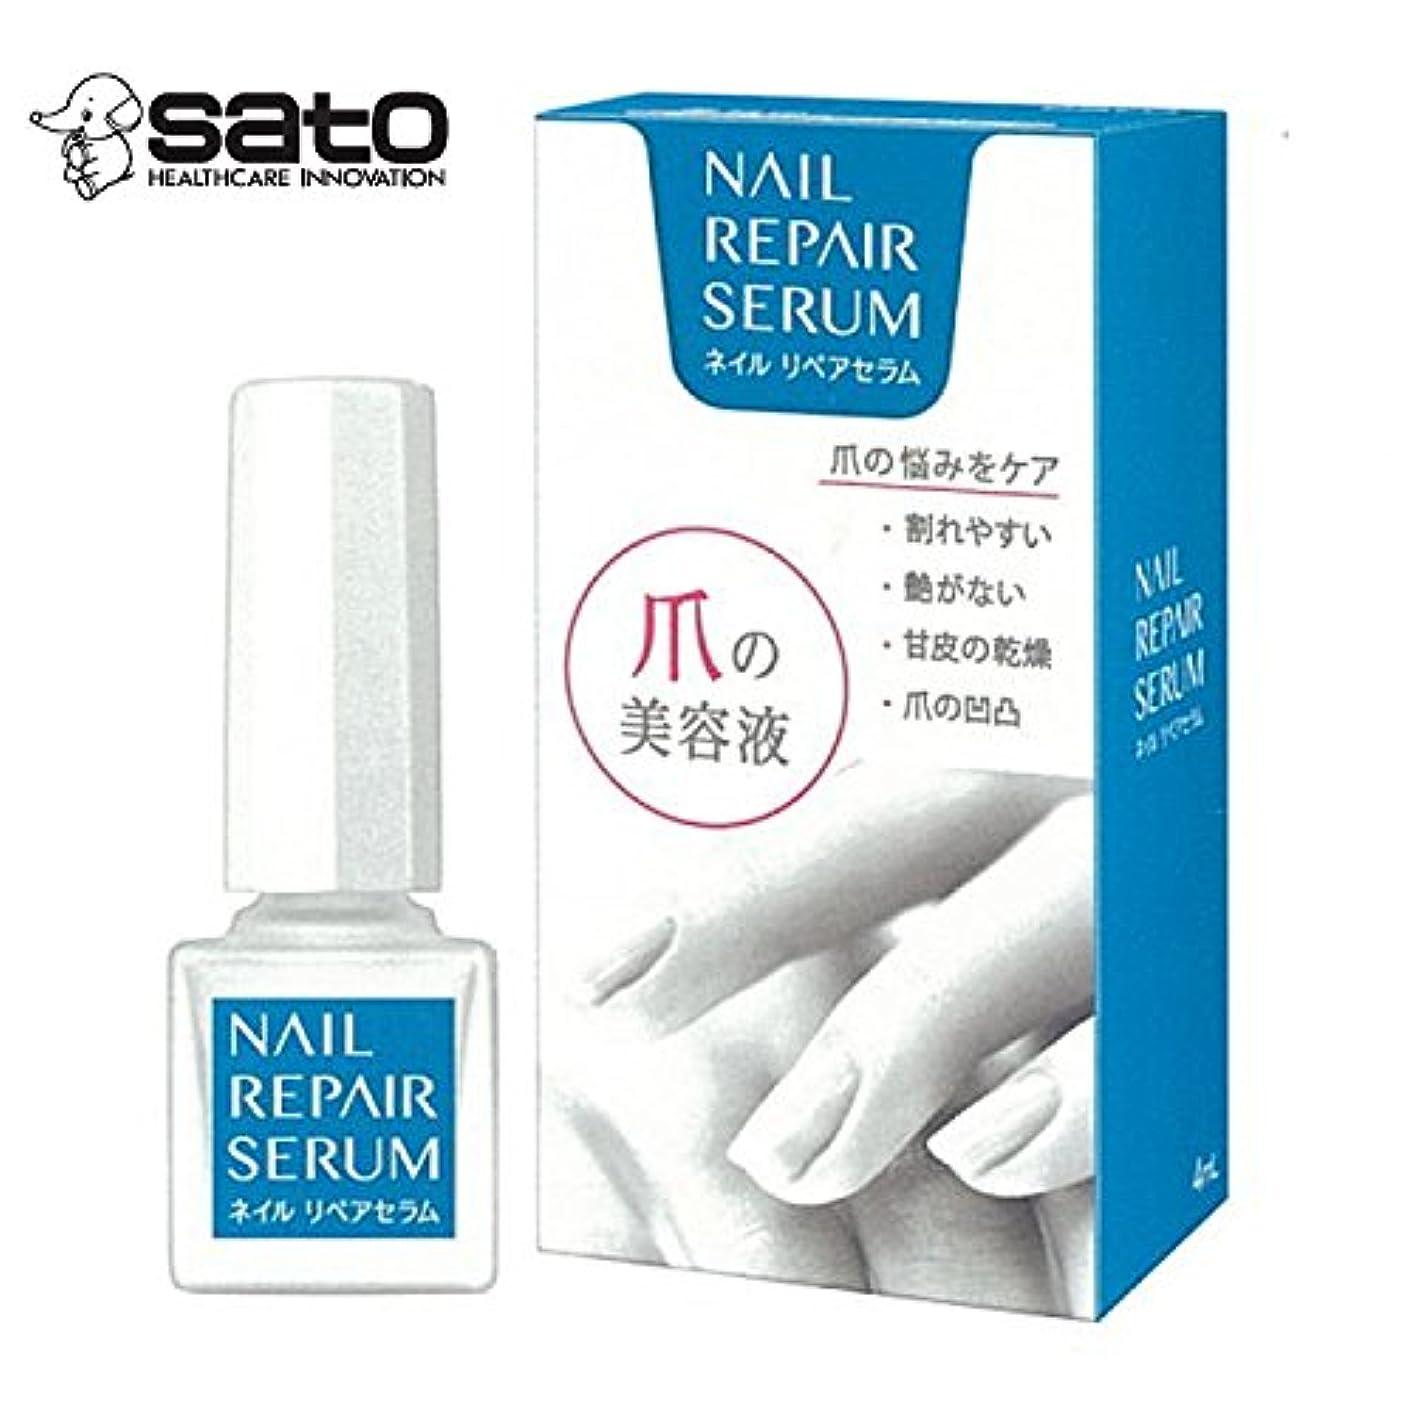 レベルアクセシブル大工【佐藤製薬】 NAIL REPAIR SERUM (ネイルリペアセラム) 4ml